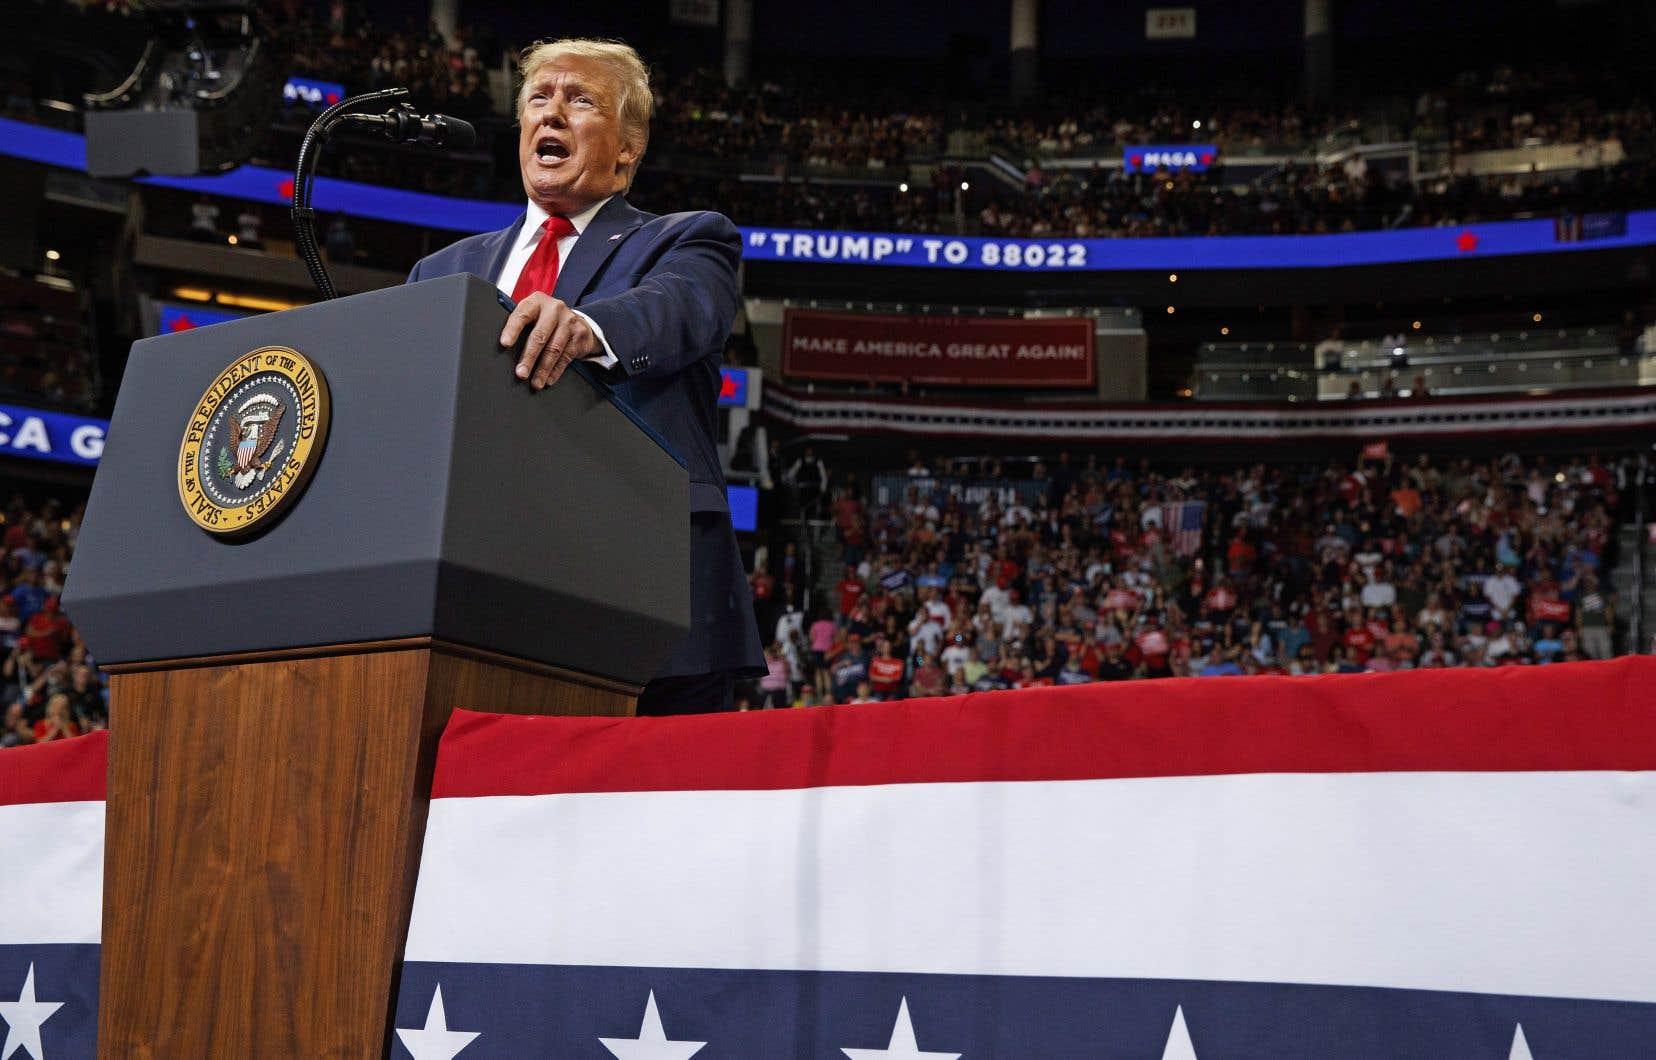 Déclenchant les cris de joie de ses milliers de partisans, le président américain, Donald Trump, a annoncé officiellement mardi soir qu'il démarrait sa campagne pour décrocher un second mandat en novembre 2020.